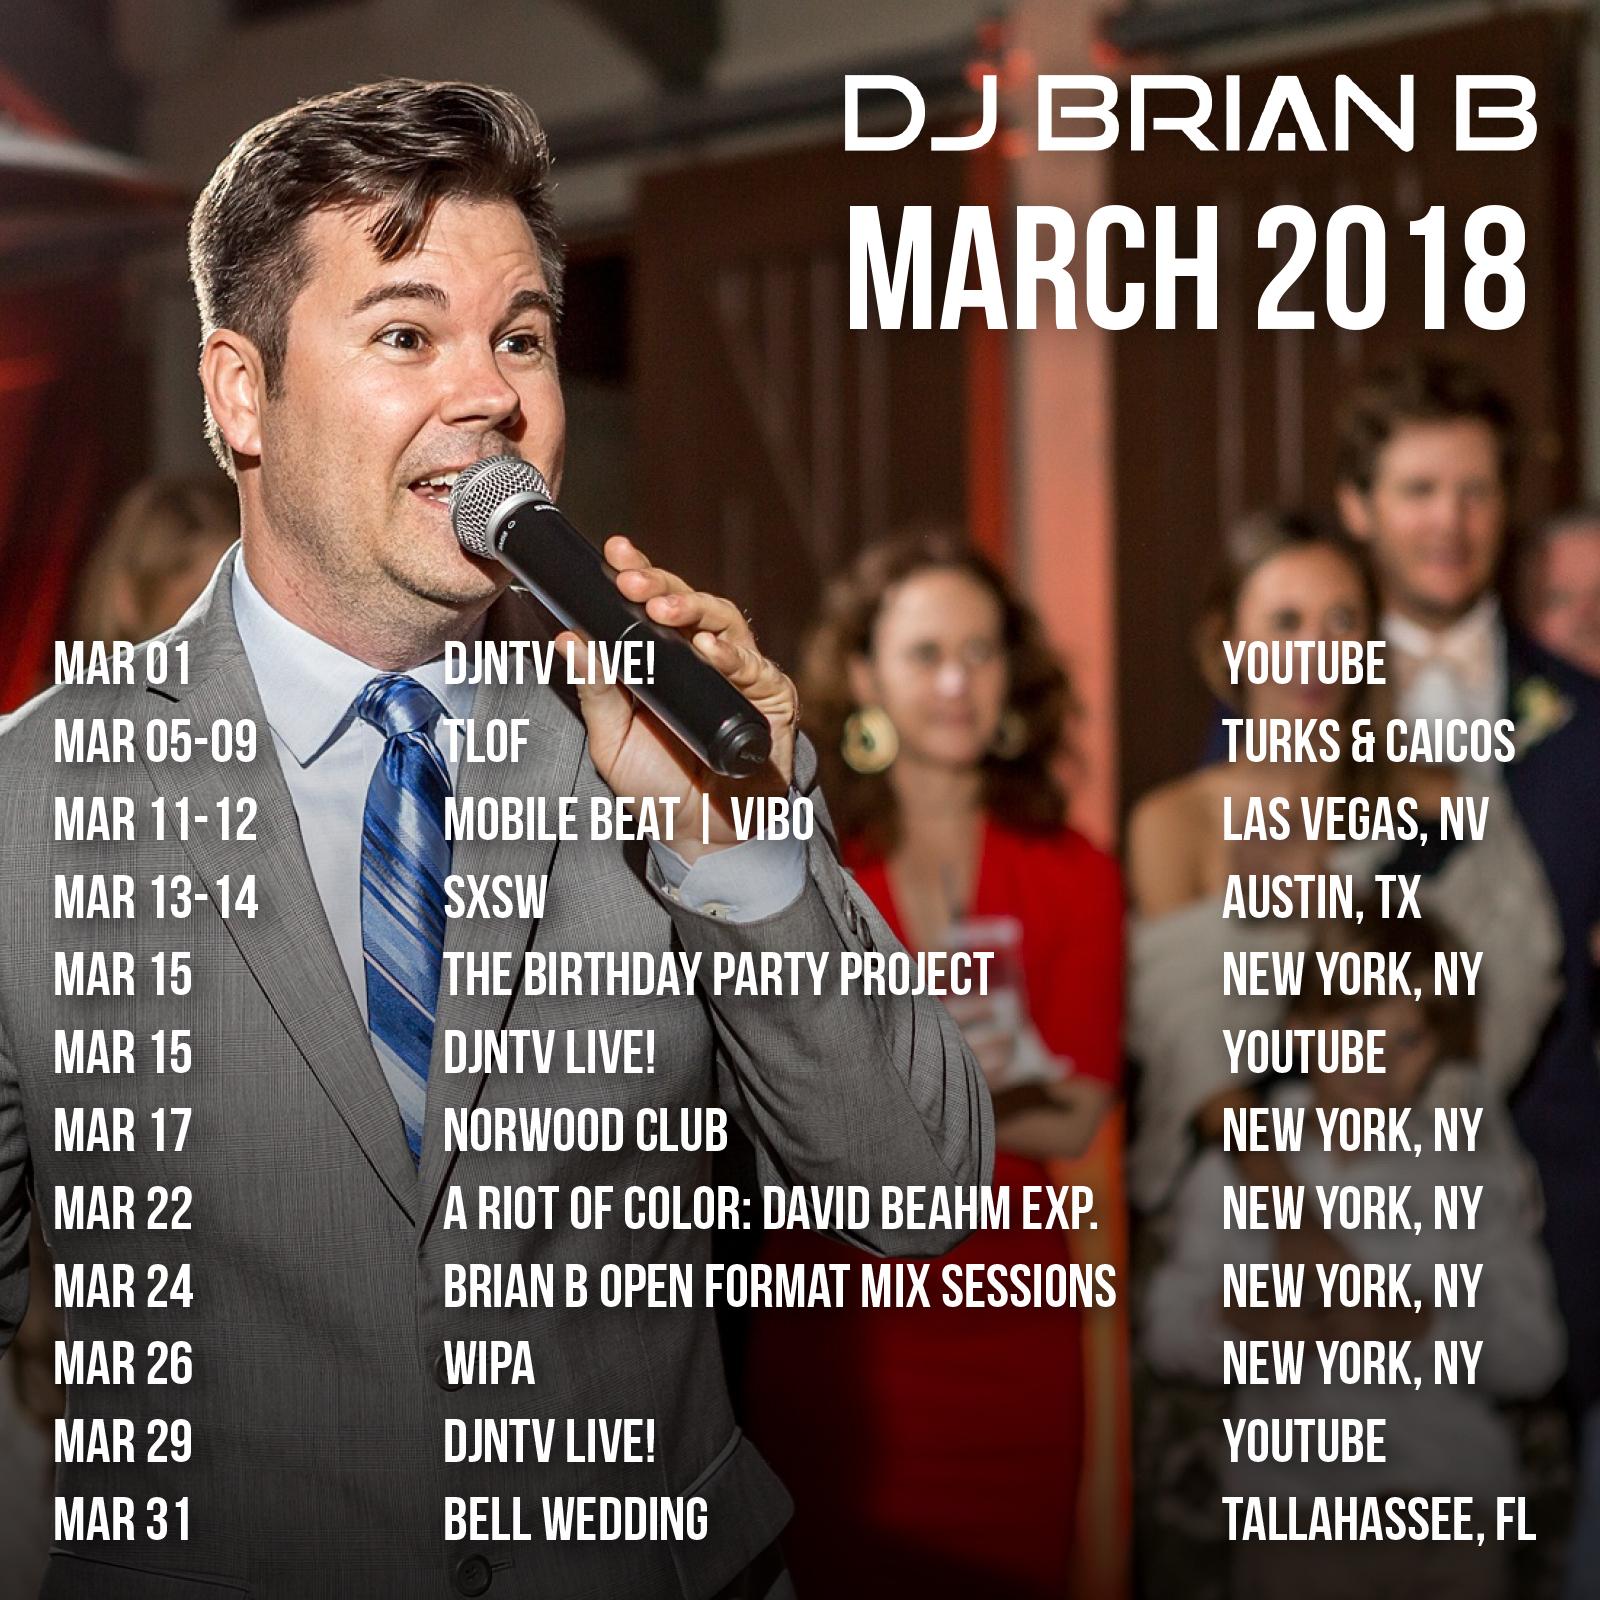 March 2018 Brian B Event Schedule